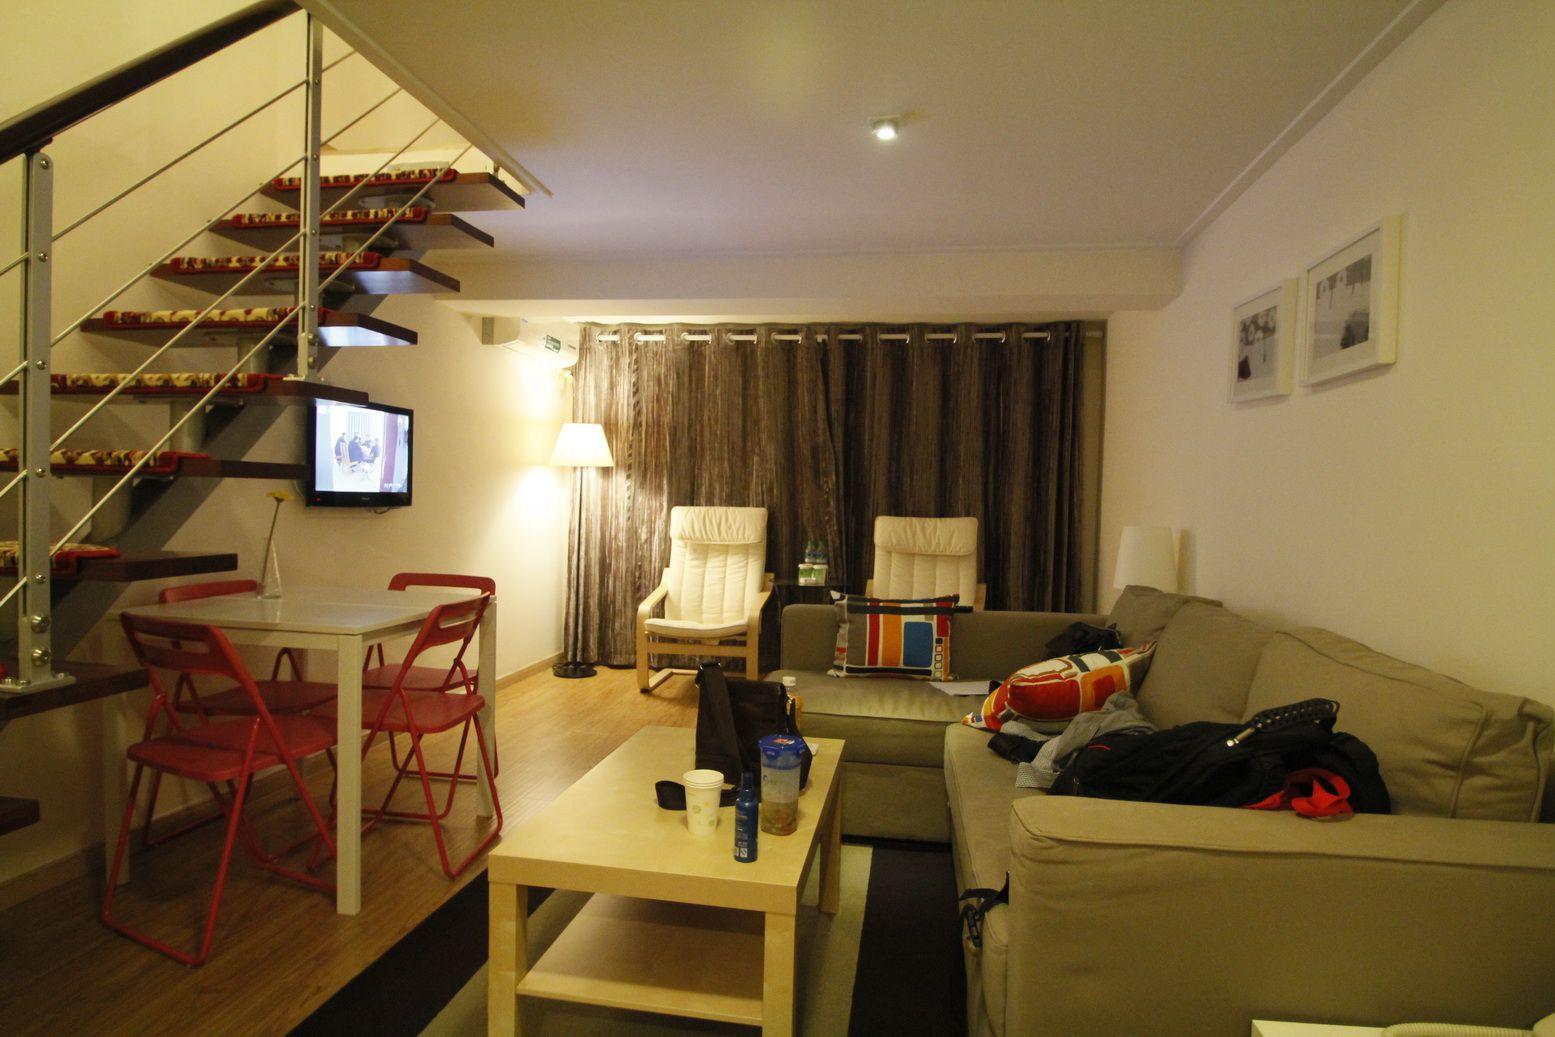 酒店式公寓装修沙发图片